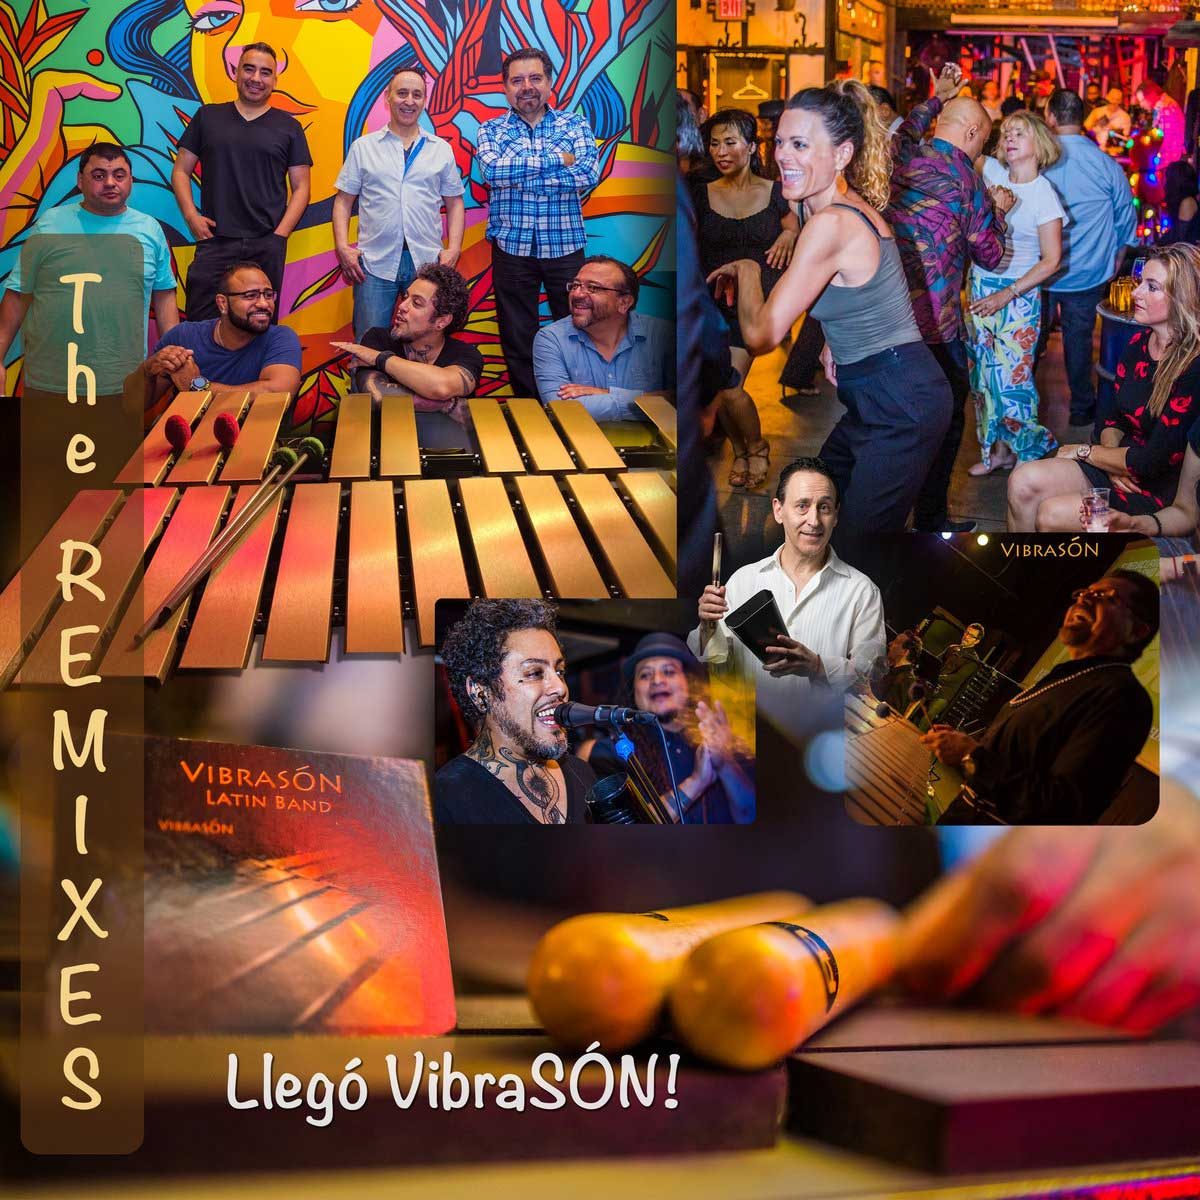 Vibrasón Latin Band - Llegó Vibrasón (The Remixes)